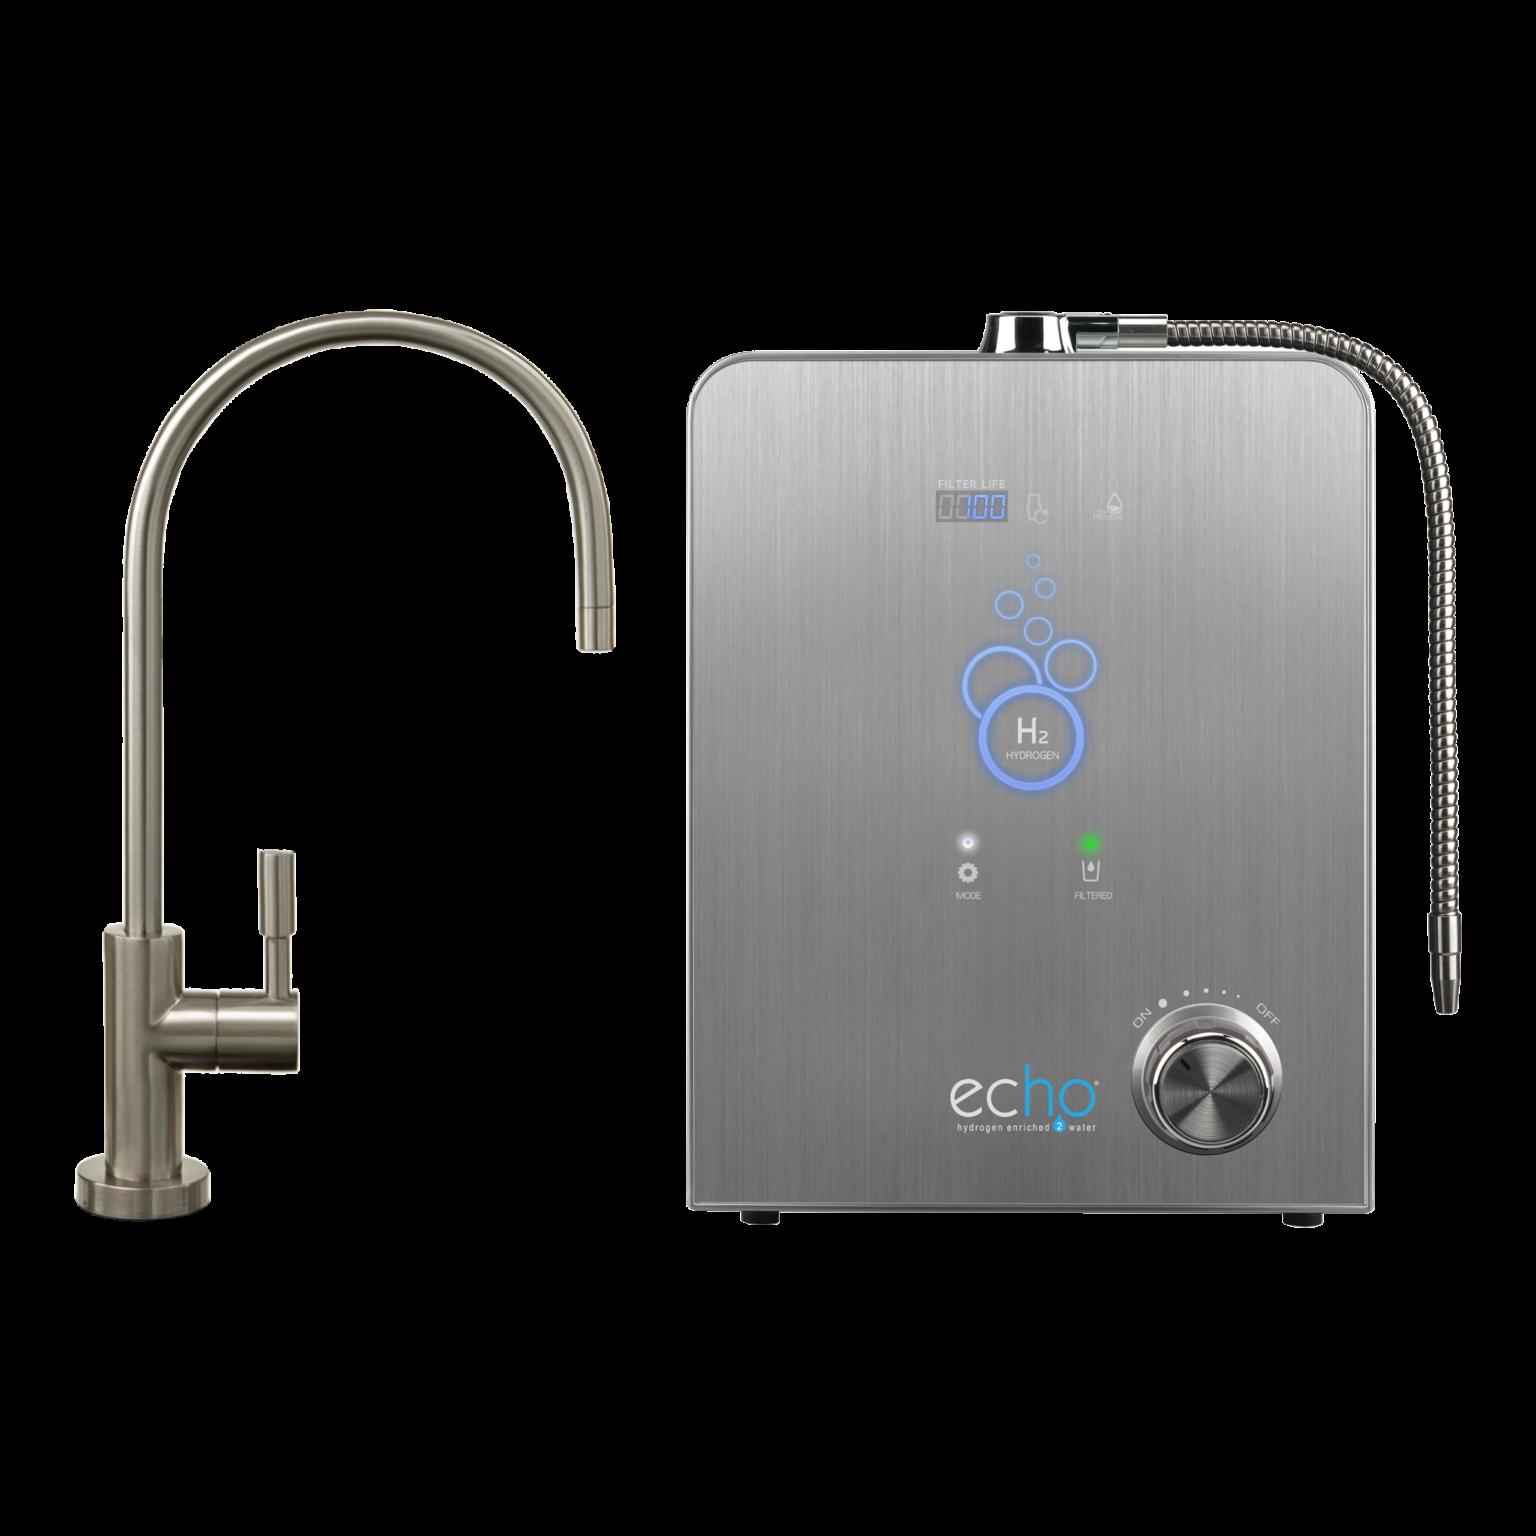 Echo H2 machine- Hydrogen water machine